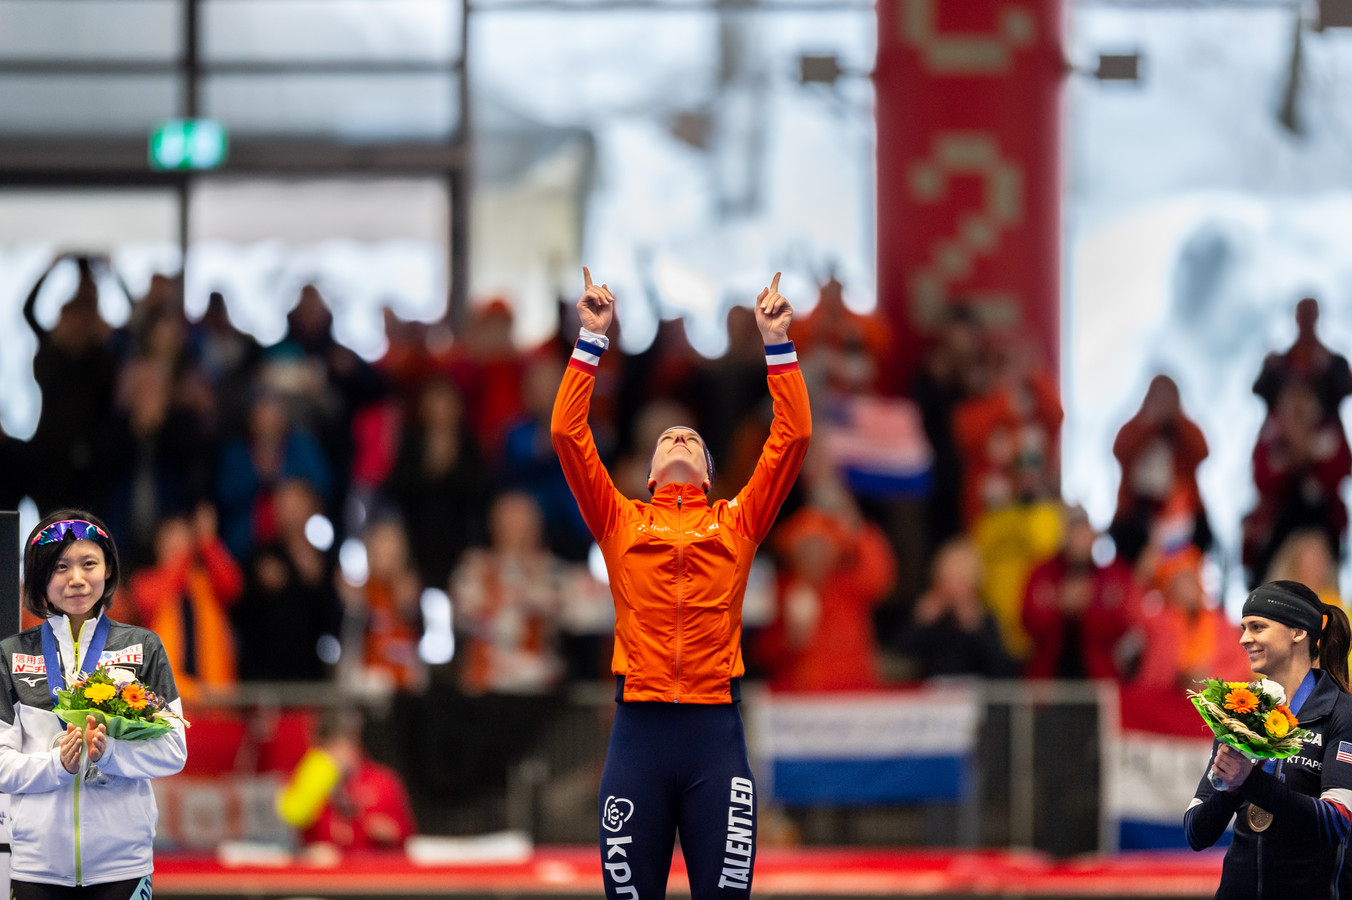 De geëmotioneerde Ireen Wüst wijst tijdens de huldiging van de 1500 meter naar de hemel, waarbij zij haar overleden vriendin Paulien van Deutekom herdenkt.